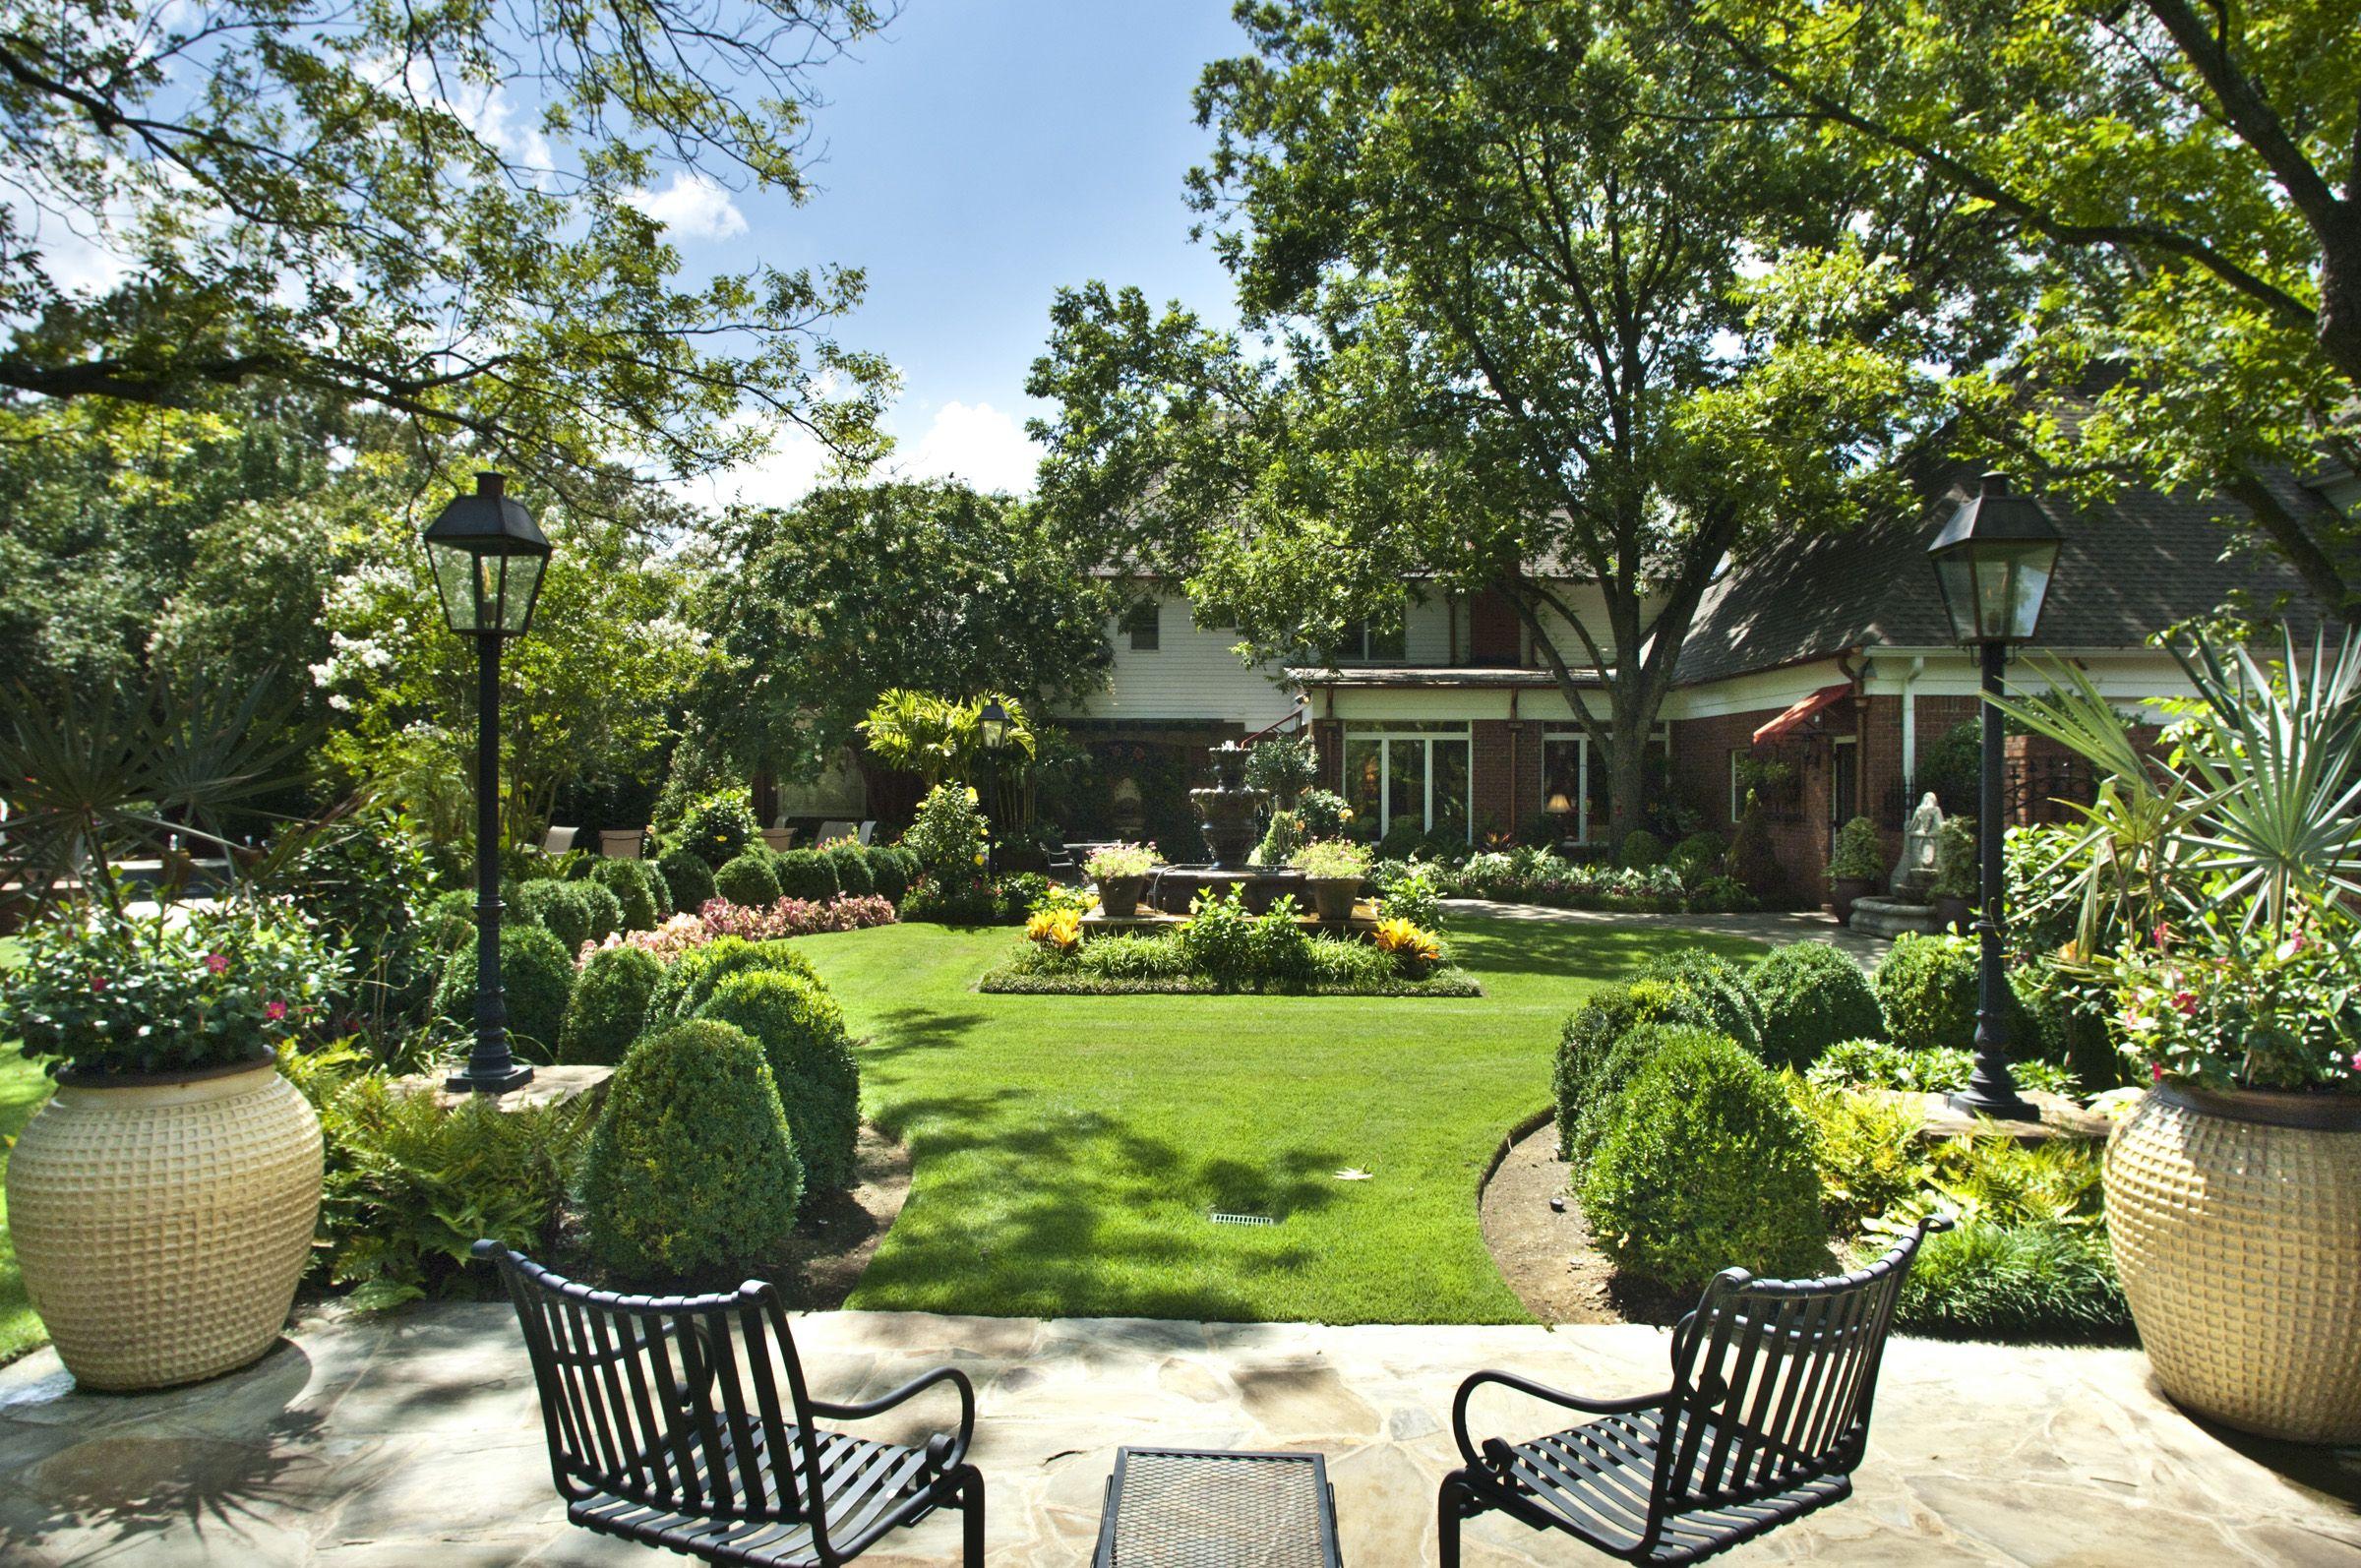 Nice Backyard Landscape By Gurleyu0027s Azalea Garden, Inc.  Memphis, TN,  Ww.gurleysmemphis.com